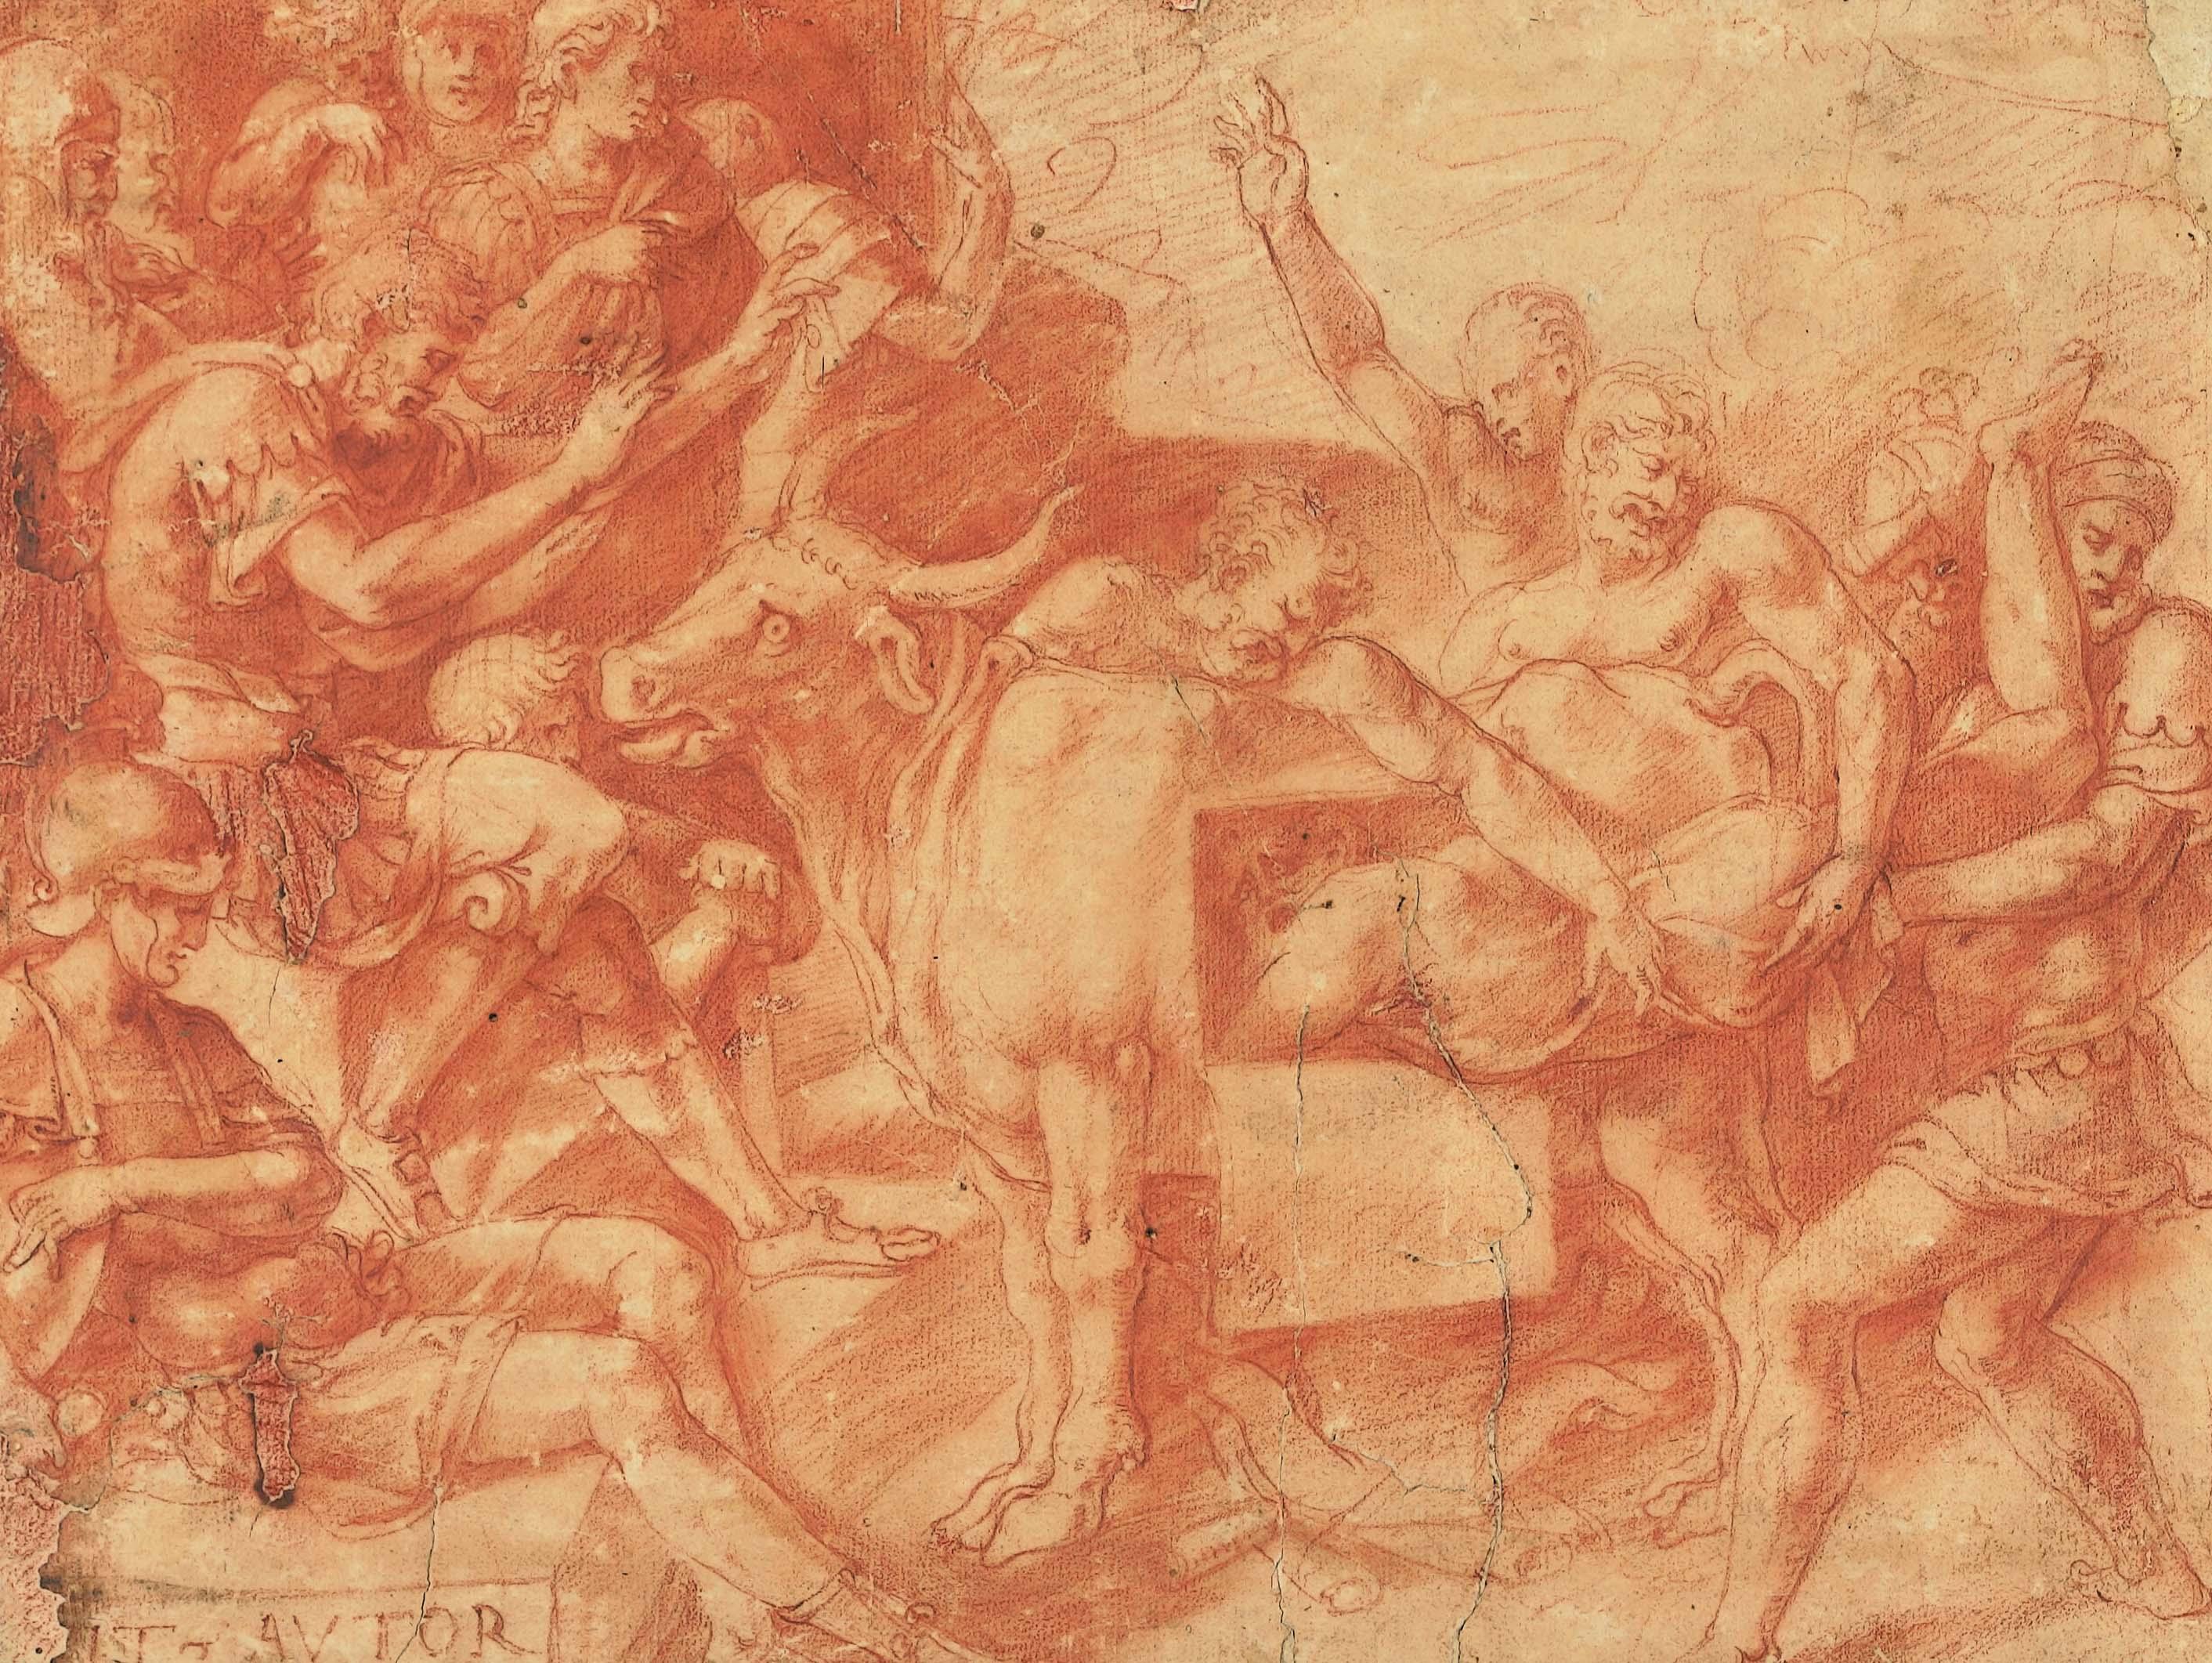 """Francesco Primaticcio, """"Il supplizio di Perillo nel toro di bronzo"""""""